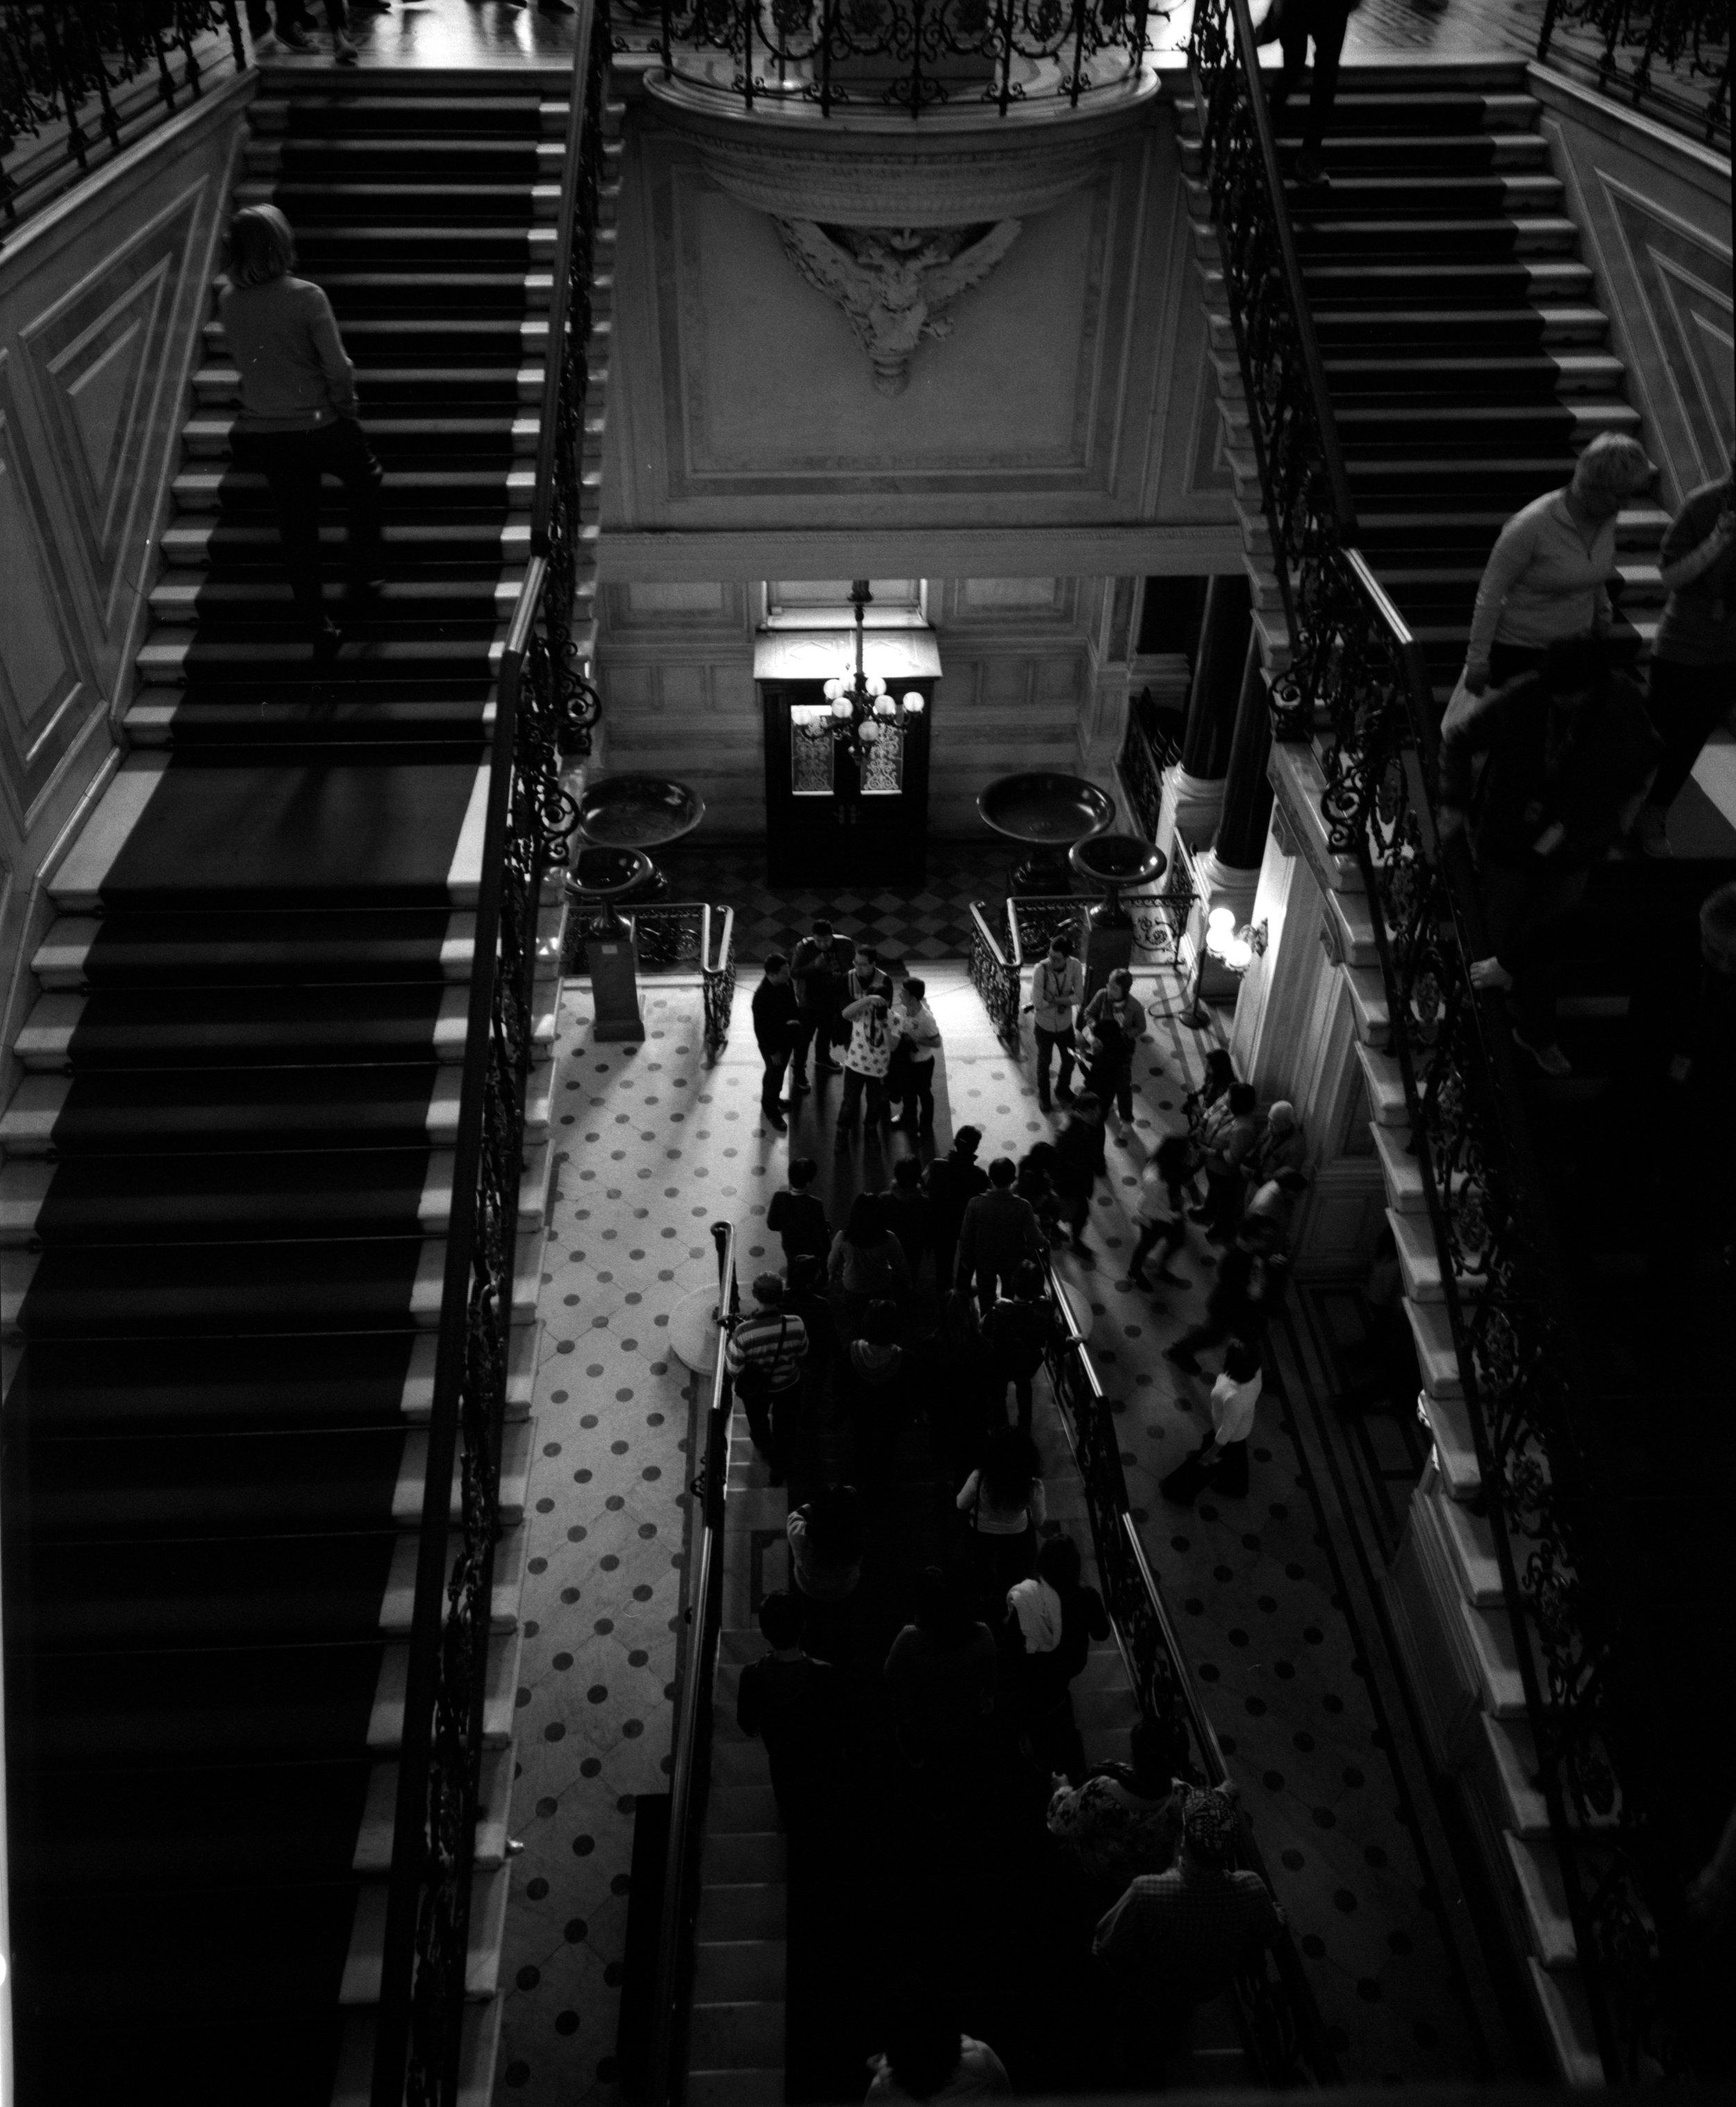 Stairs Fuji GF670w   Ilford HP5